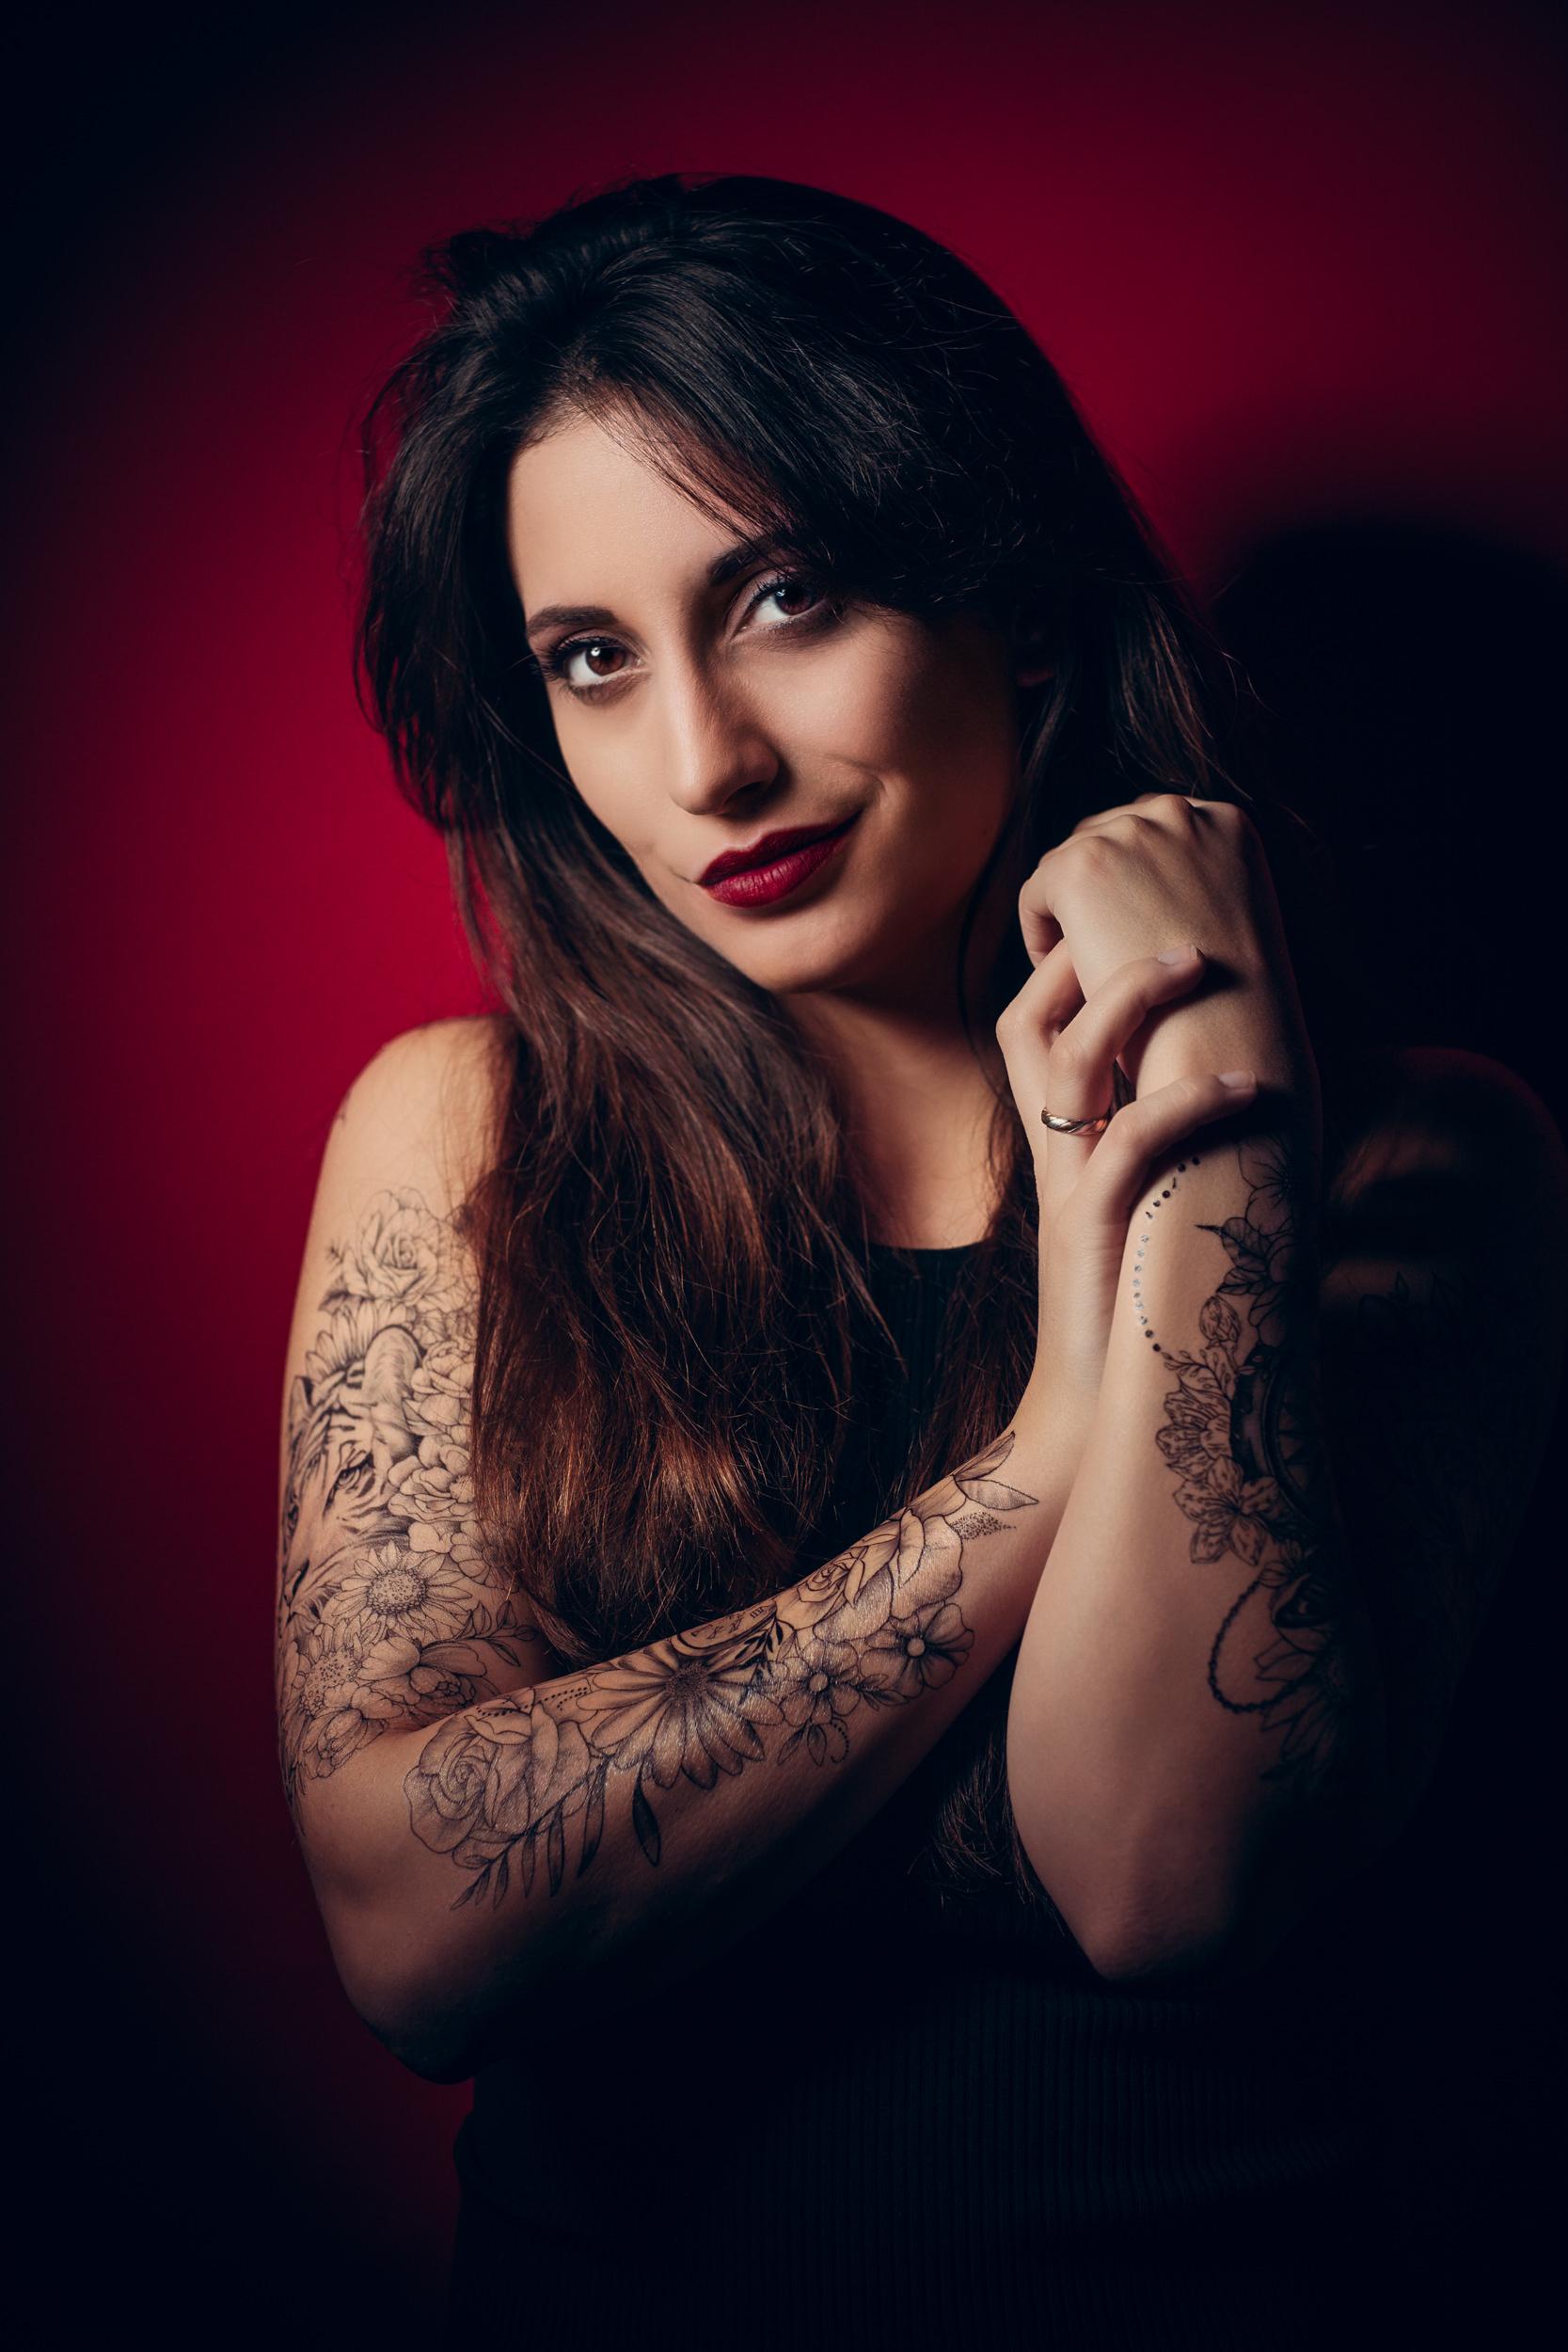 Nora studio photography